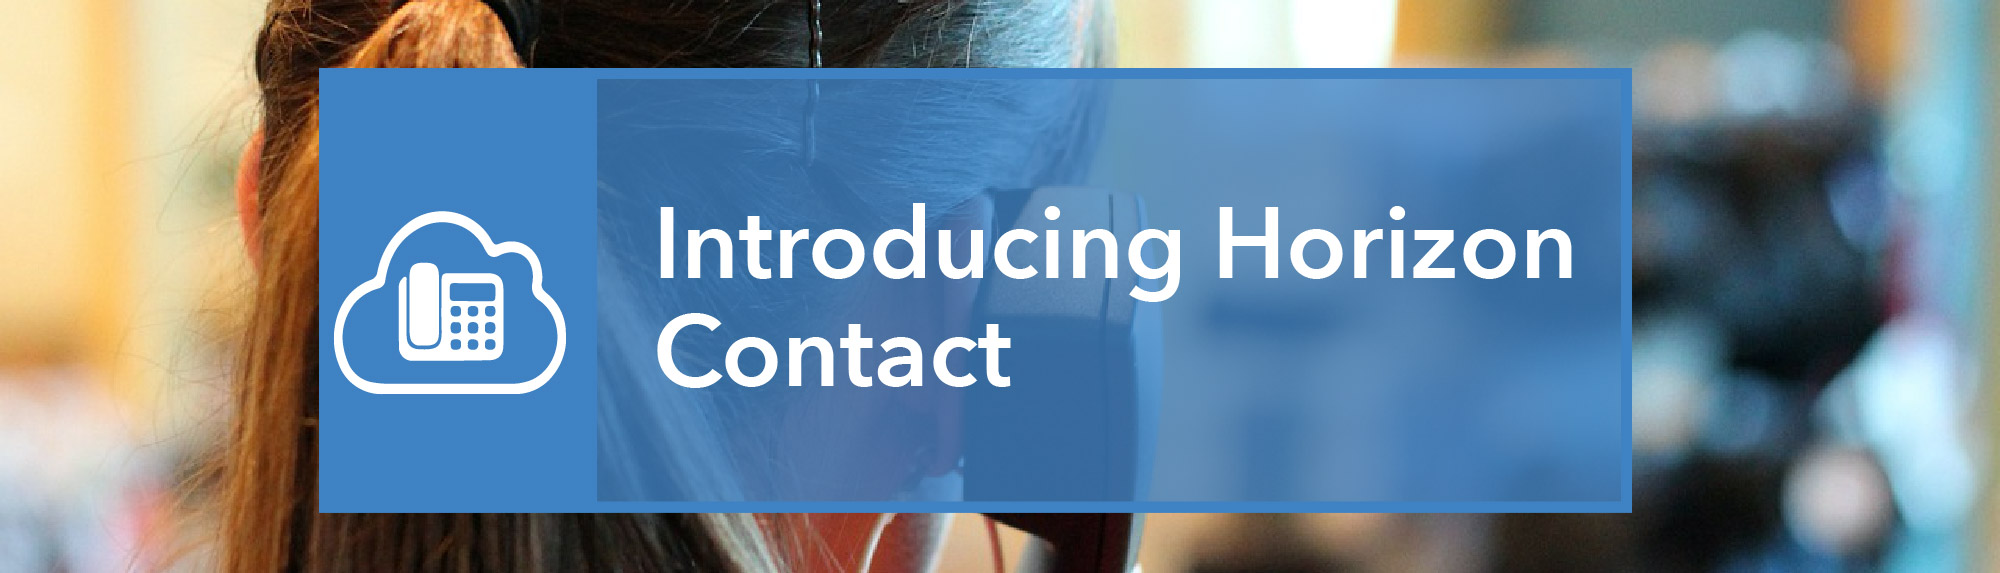 virtual contact centre